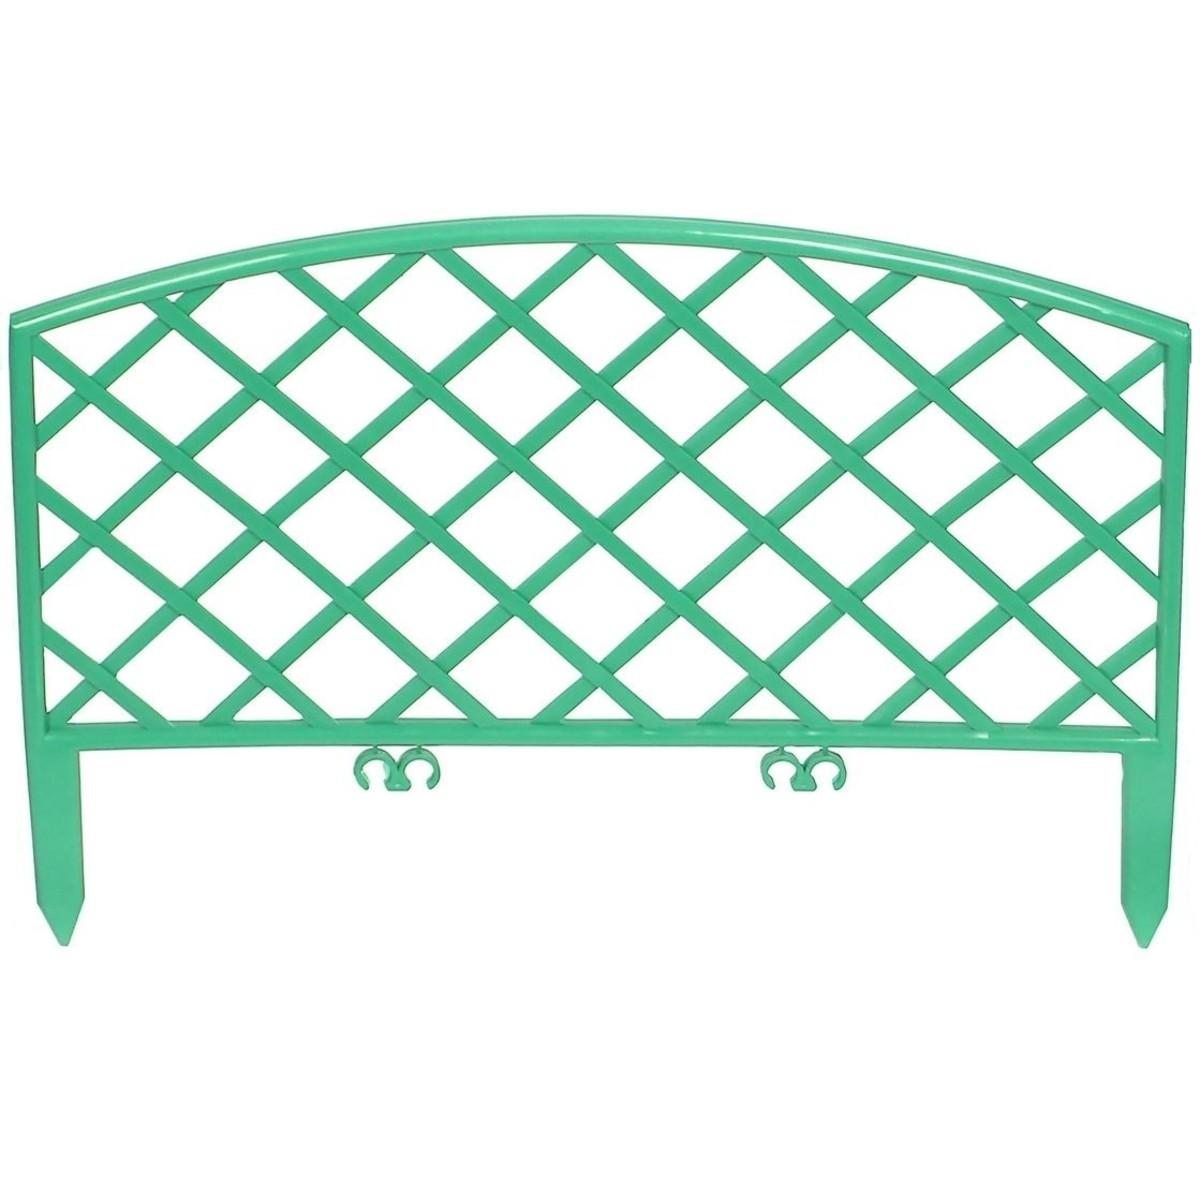 Забор декоративный Плетенка 3.2 м цвет зеленый